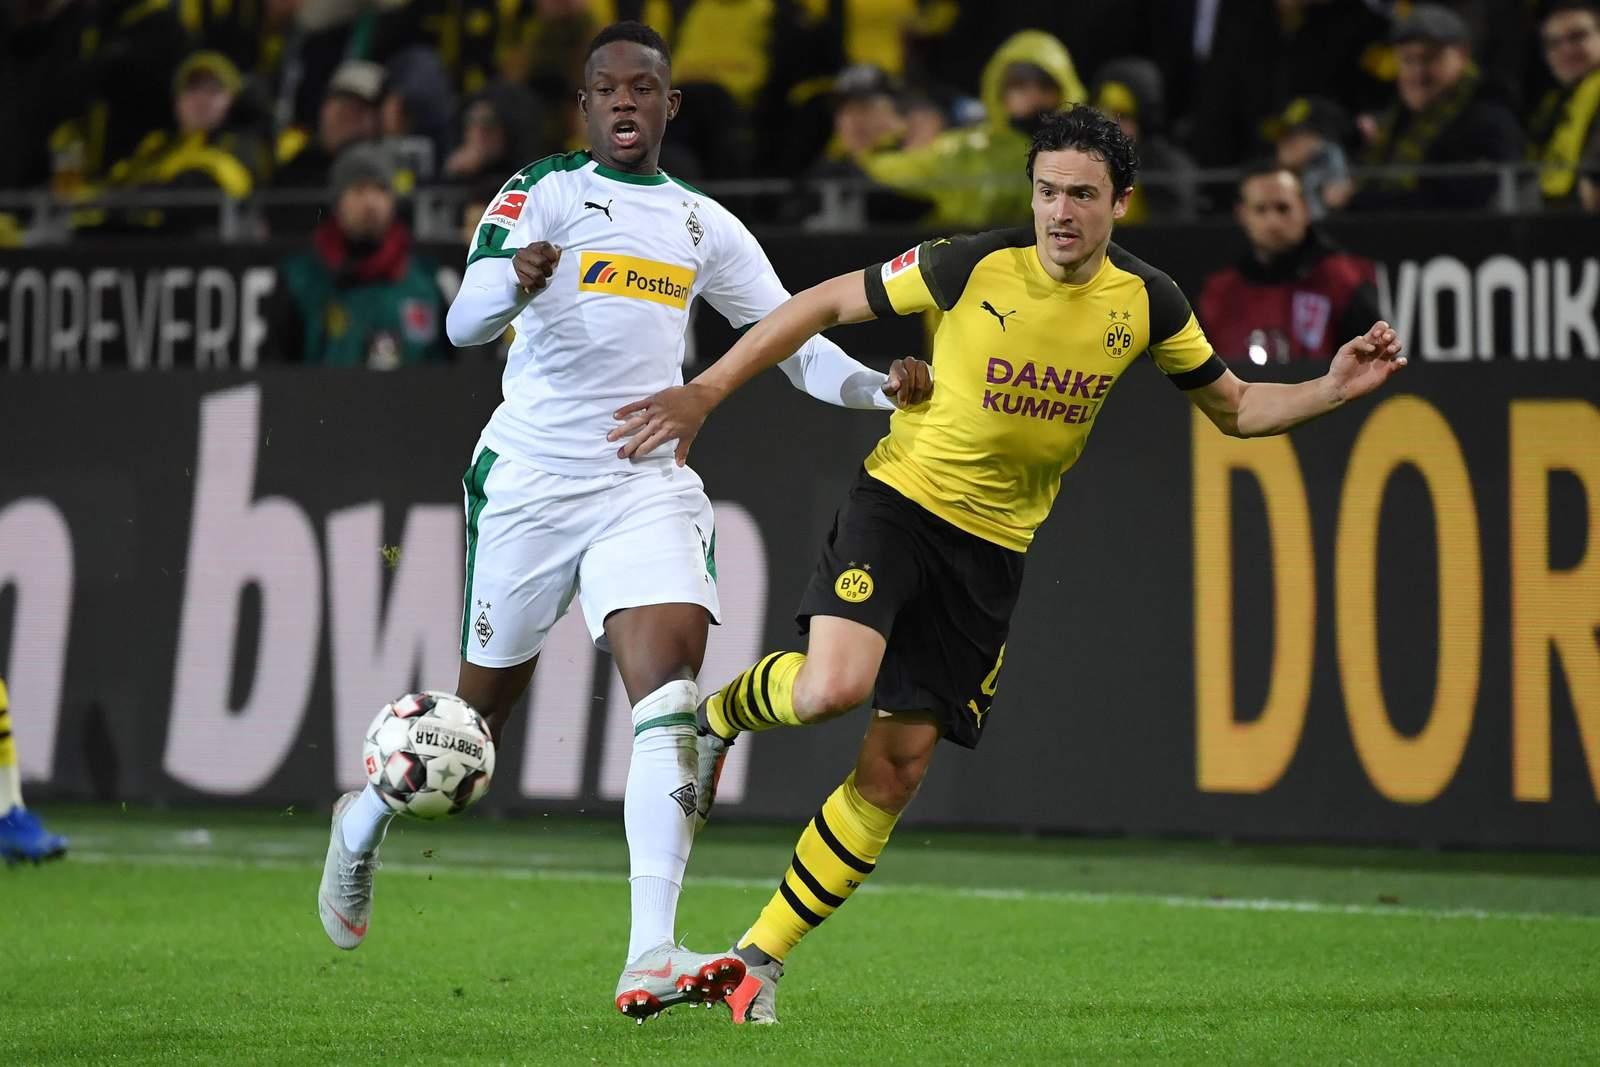 Macht Thomas Delaney mit dem BVB gegen Gladbach seine Hausaufgaben? Jetzt auf Gladbach gegen BVB wetten!